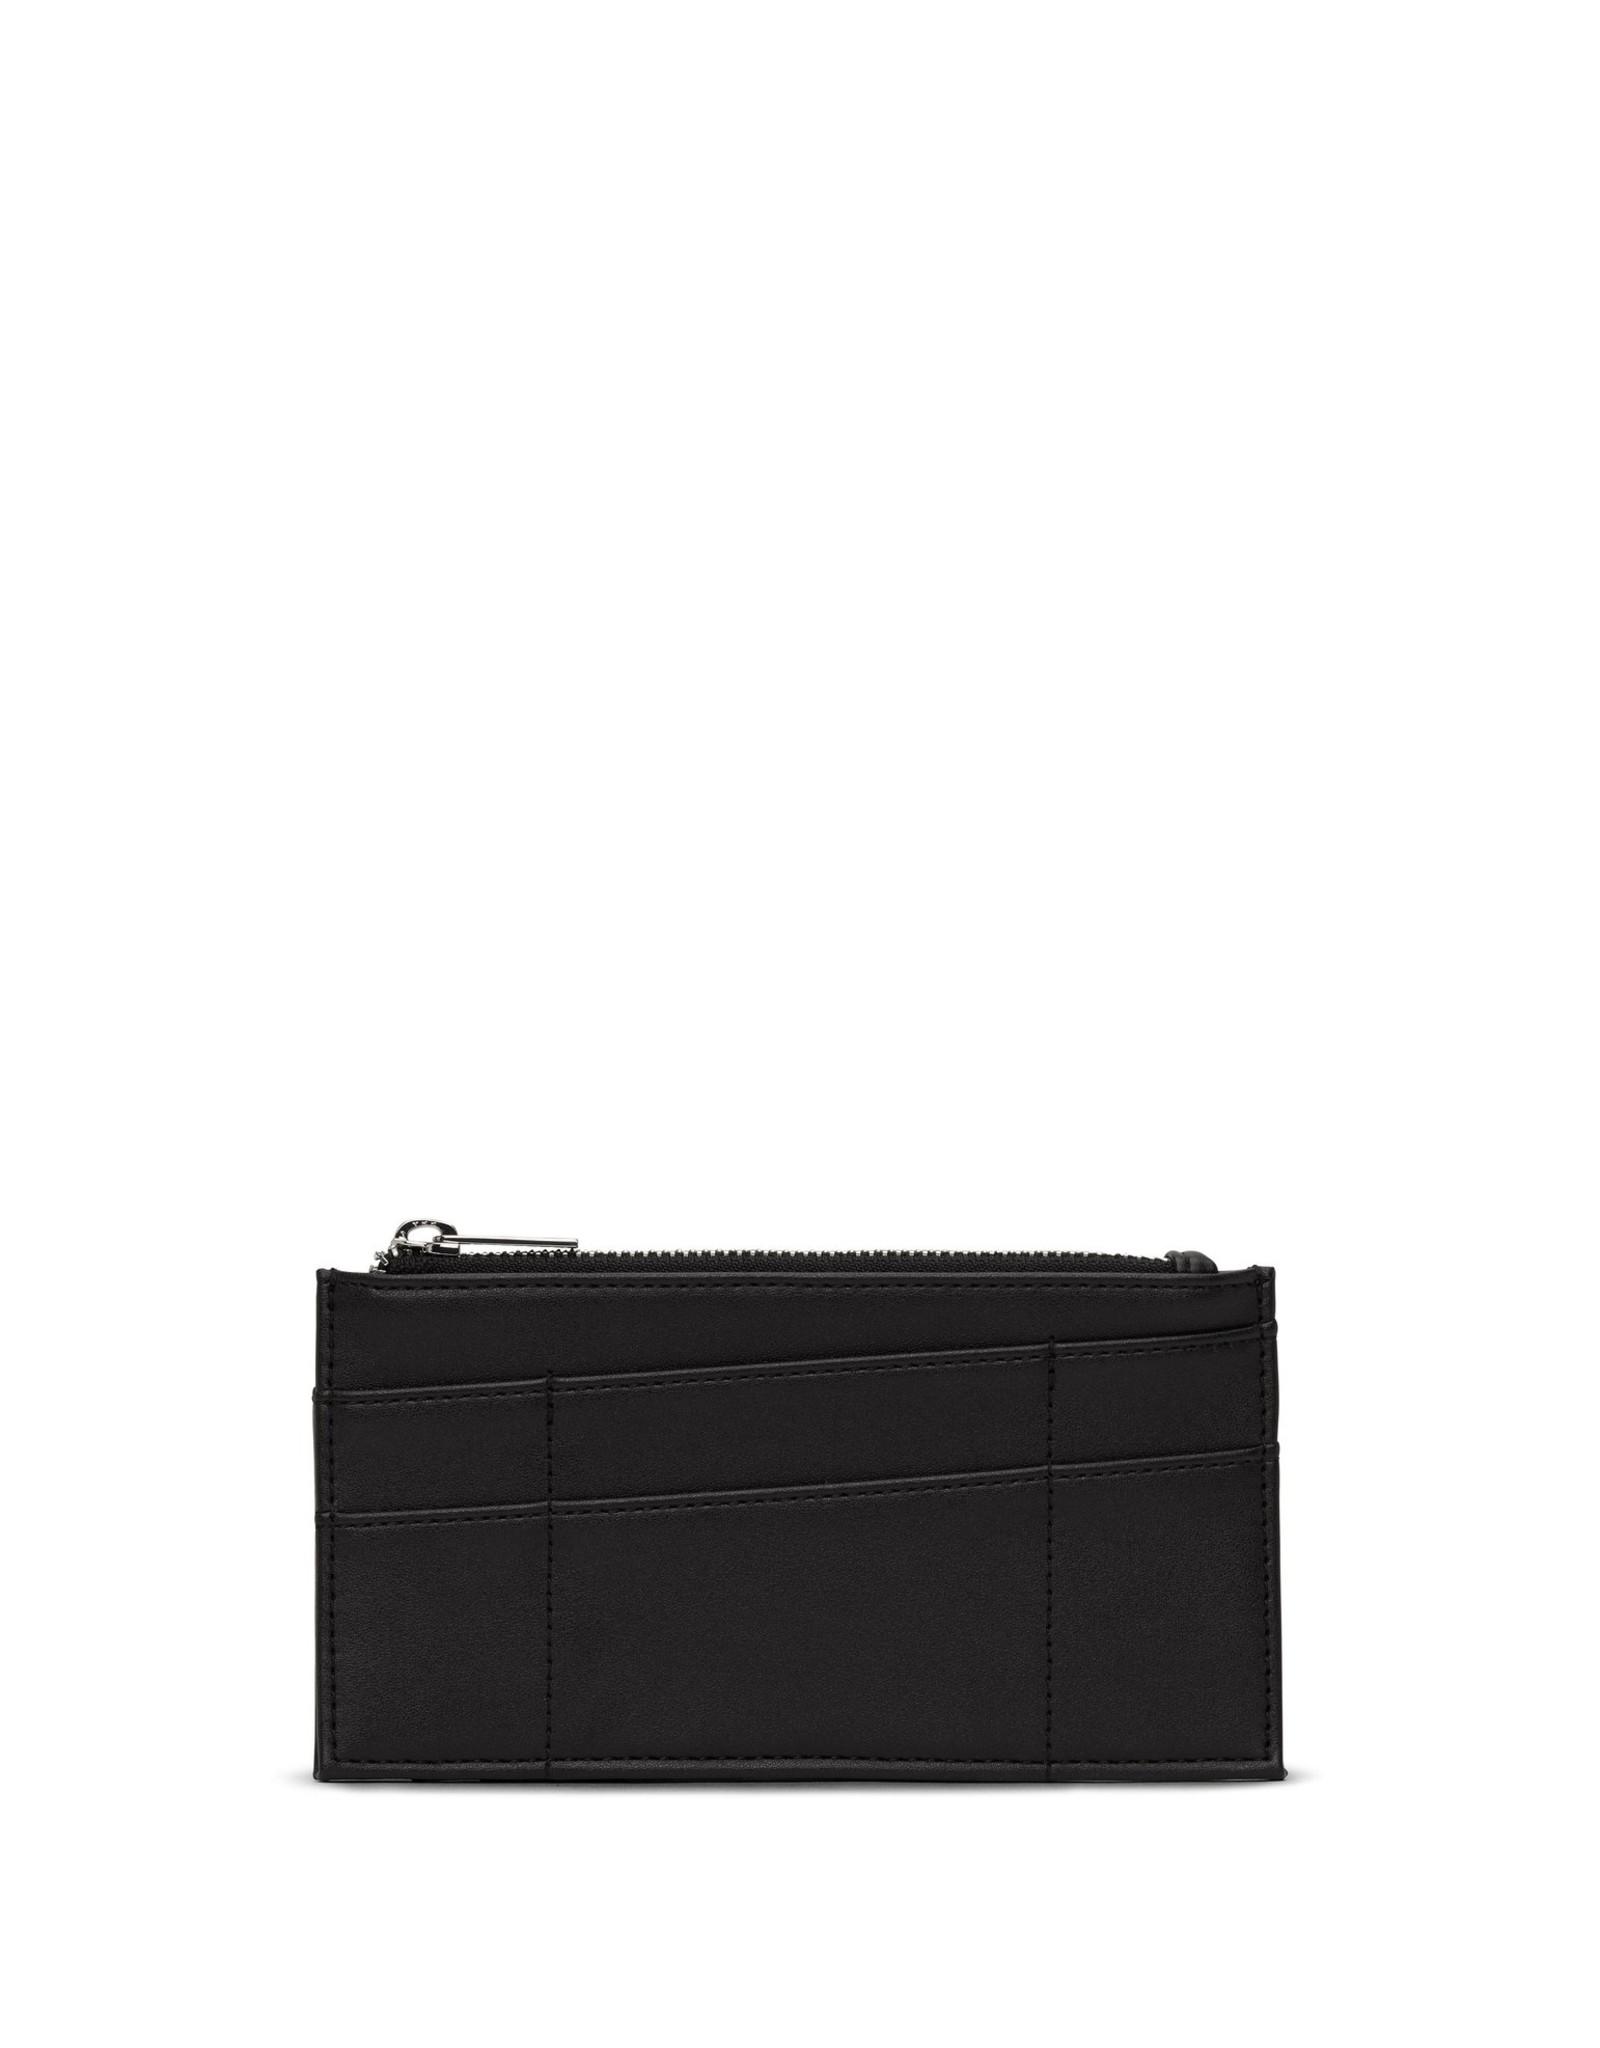 Matt & Nat - Nolly Wallet/Black